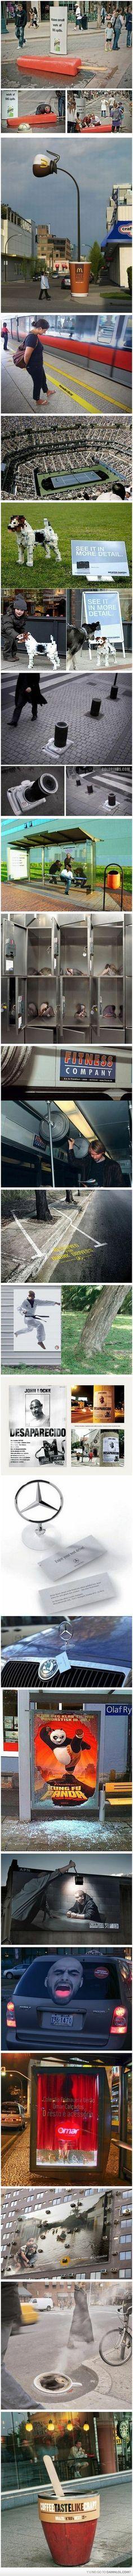 Great #advertising ideas for public spaces #GuerillaMarketing | Unerwartete Werbung im öffentlichen Raum clever gemacht